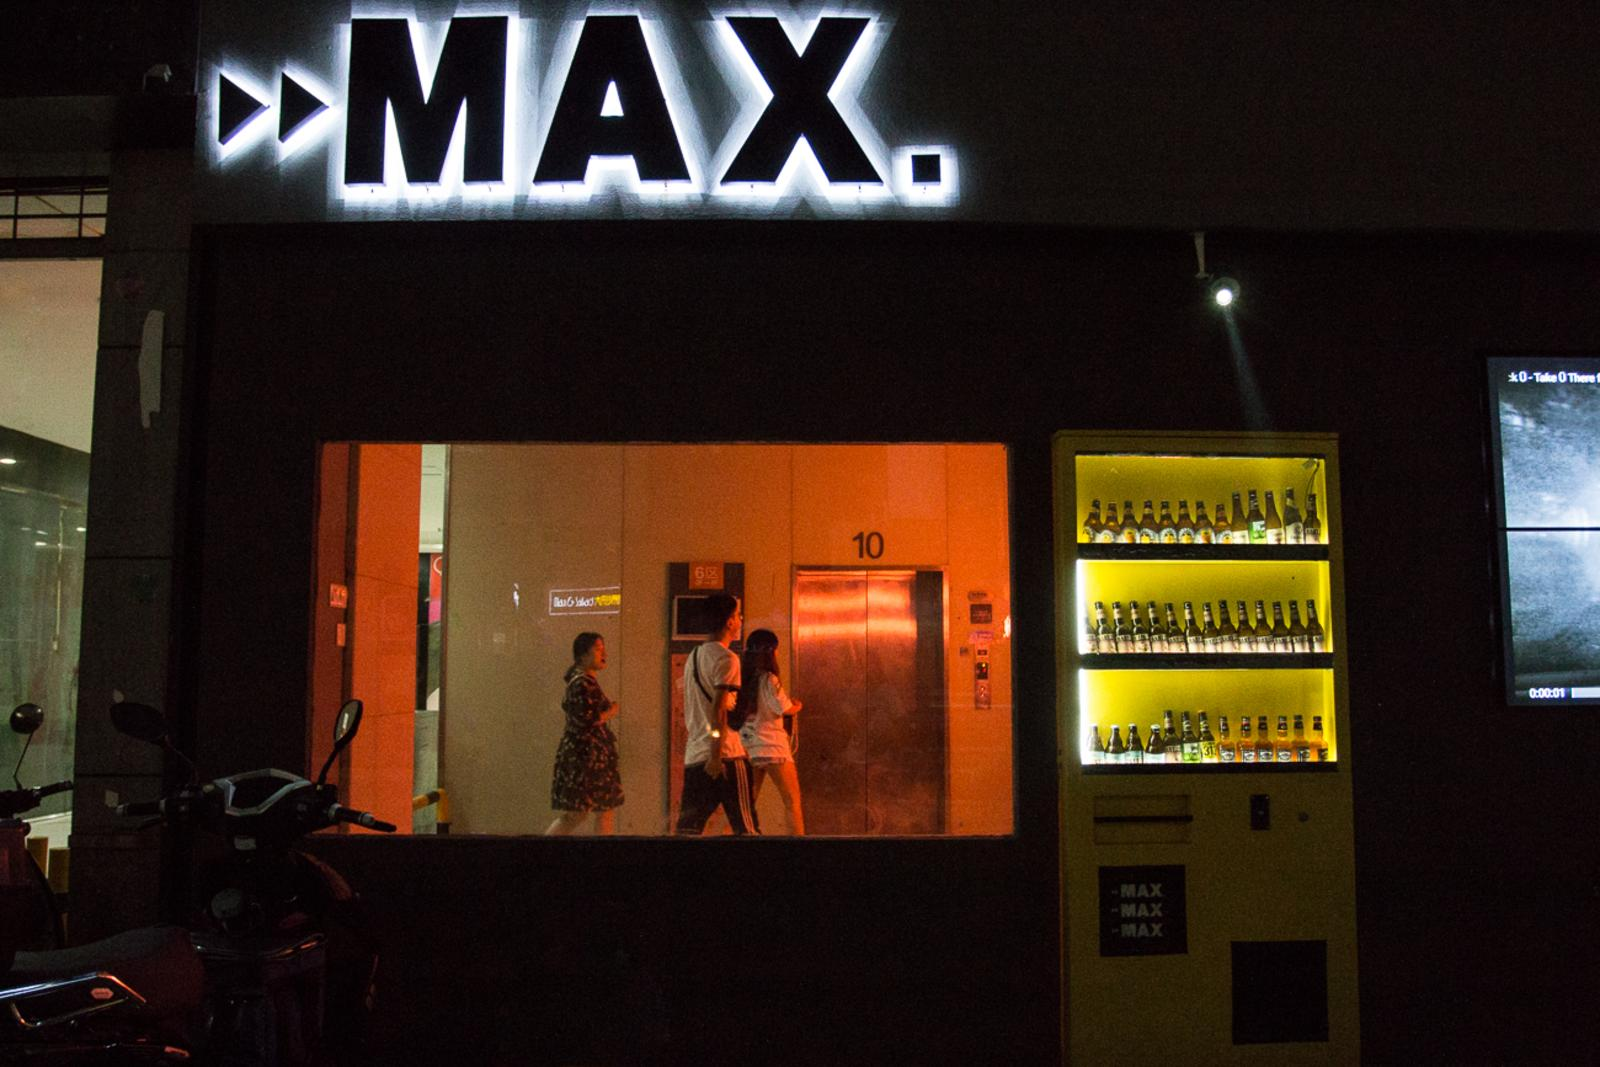 Changzhou Natalie Mayroth Max